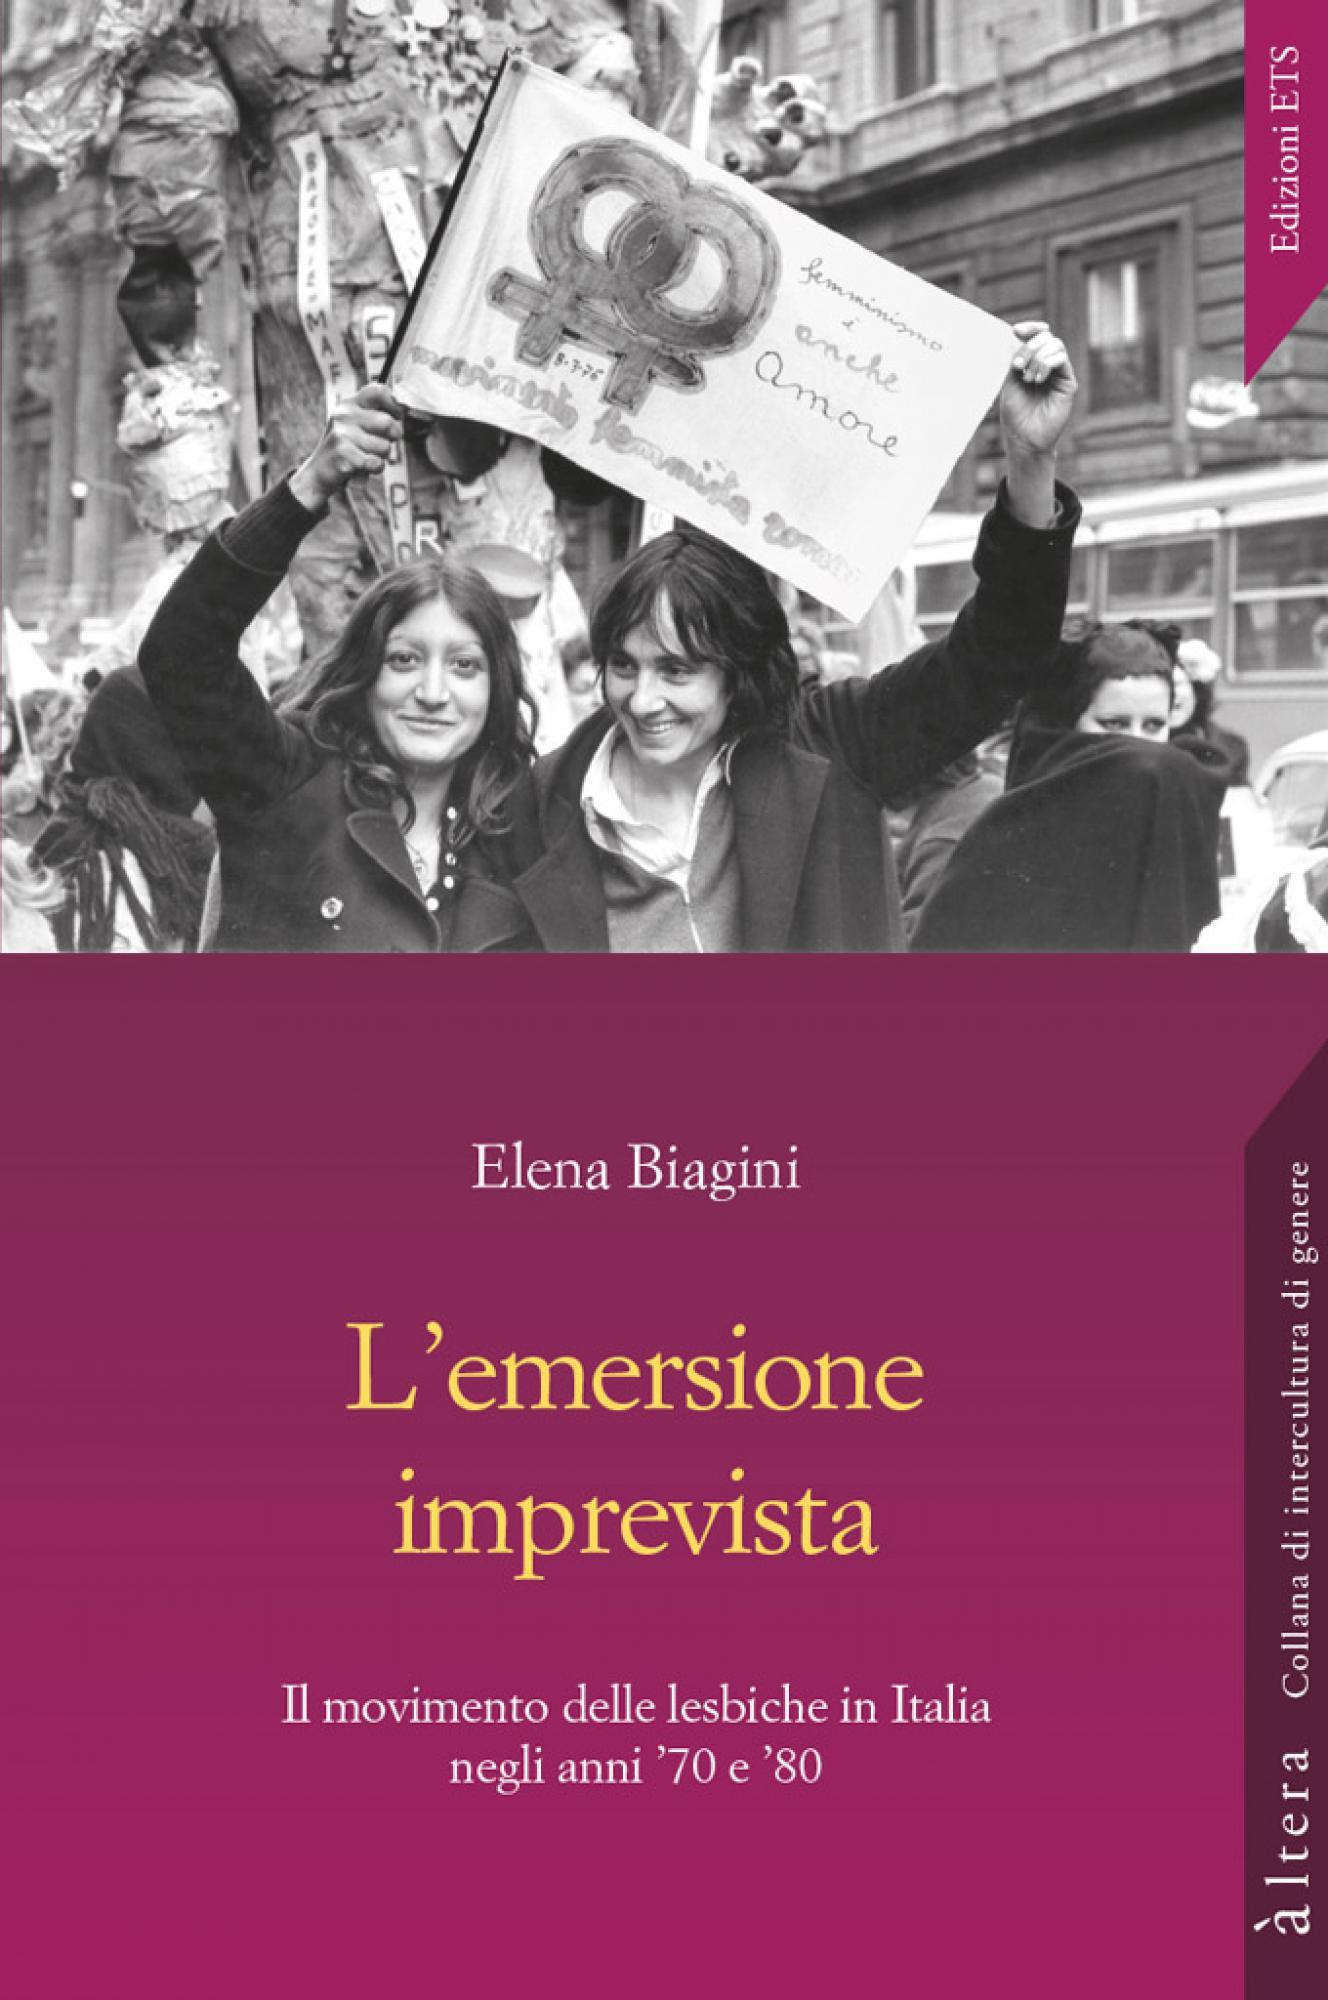 L'emersione imprevista<br /><br />.Il movimento delle lesbiche in Italia negli anni '70 e '80